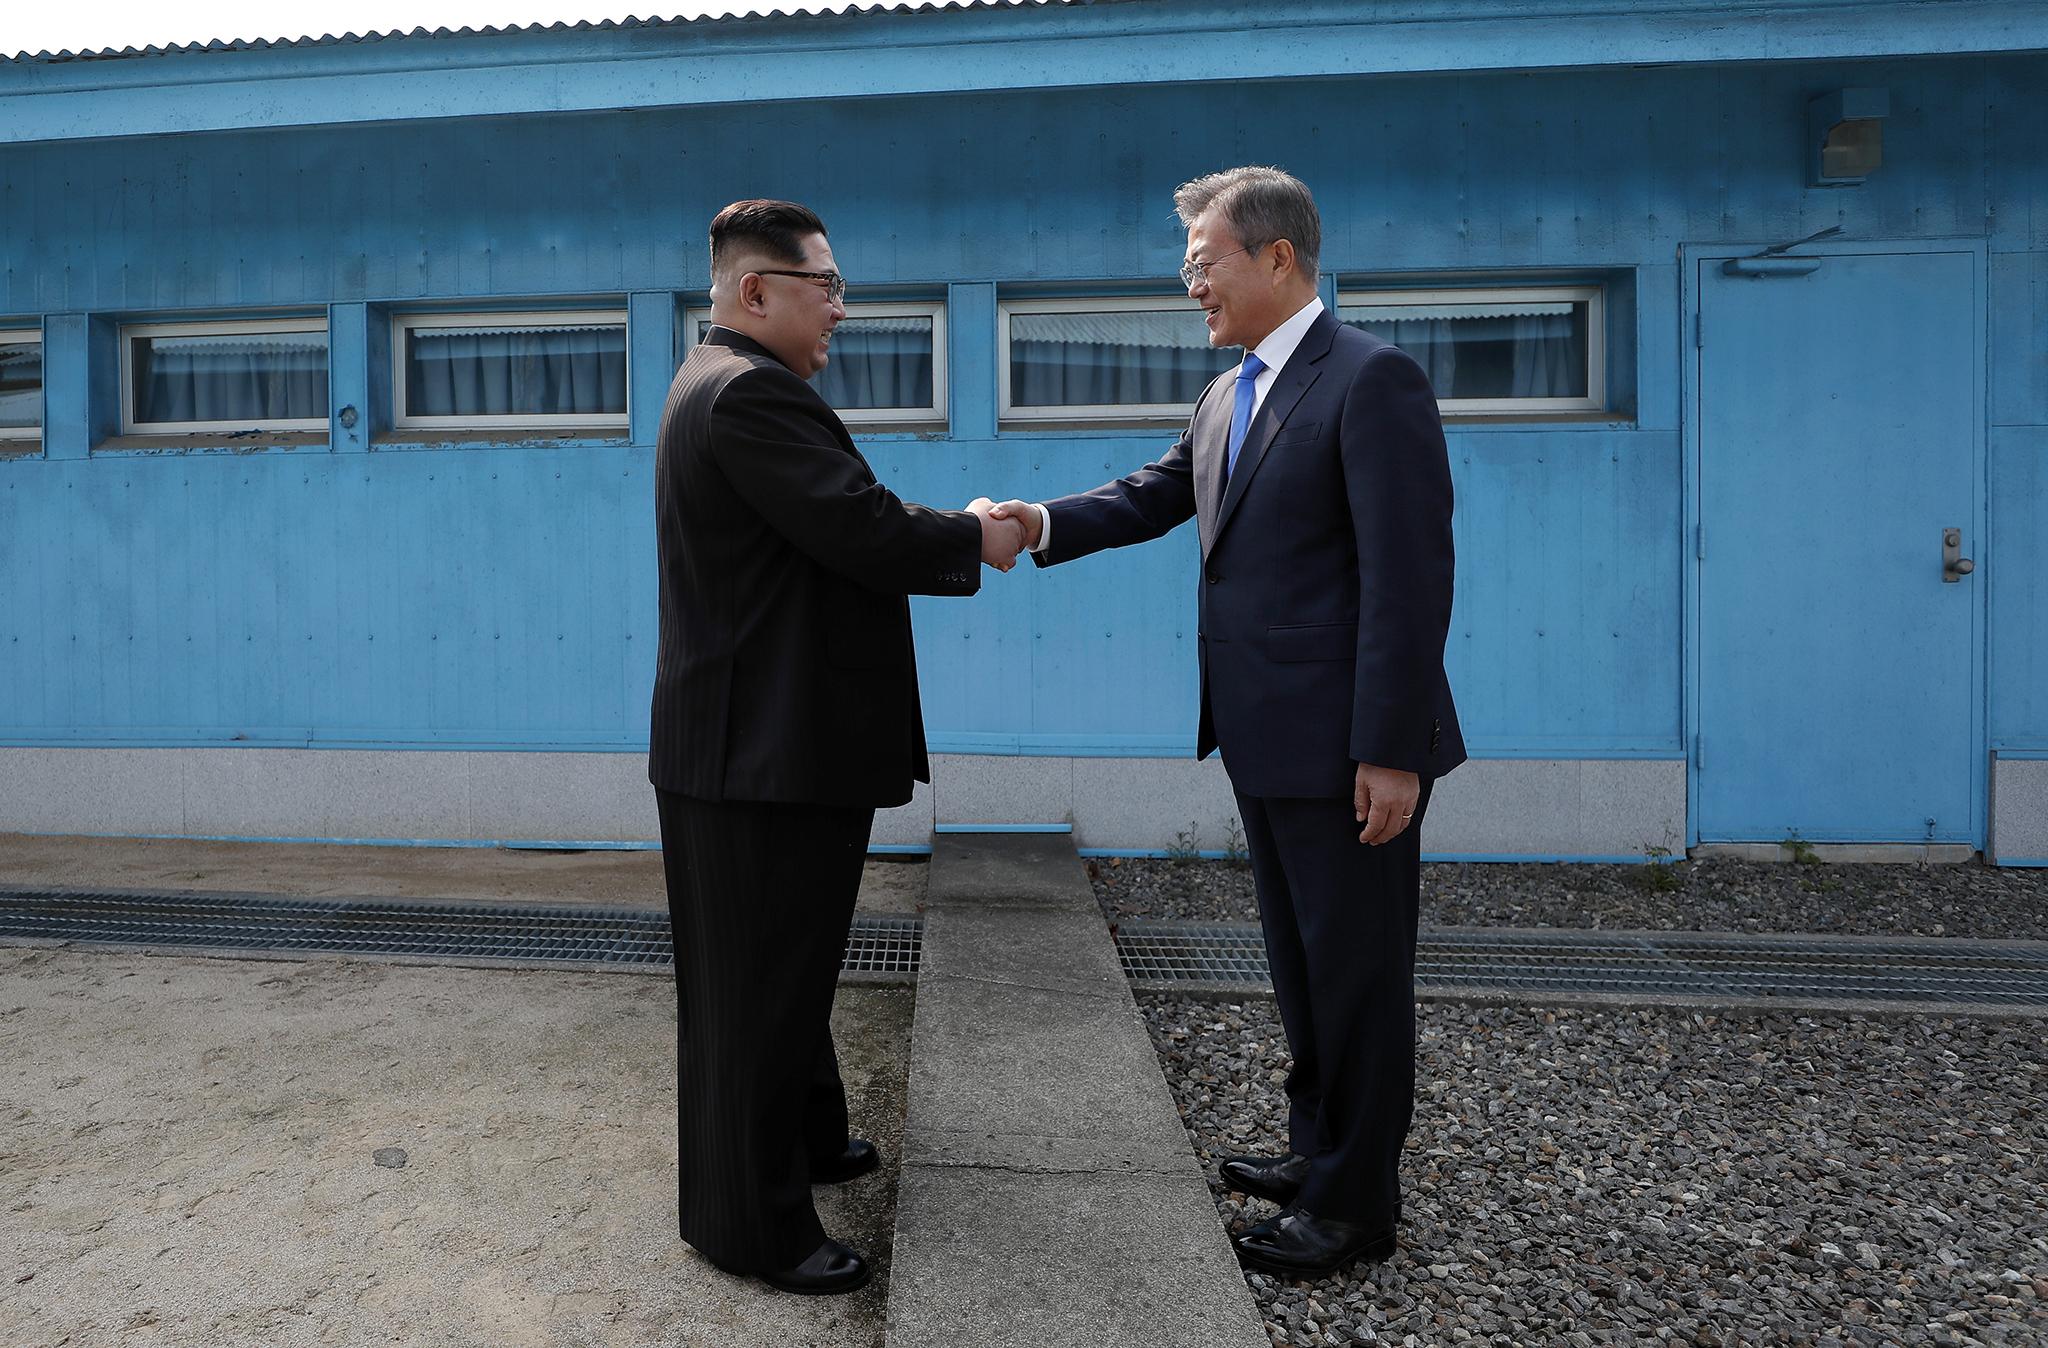 Diplomacia | Encontro entre líderes coreanos traz esperança de paz à península